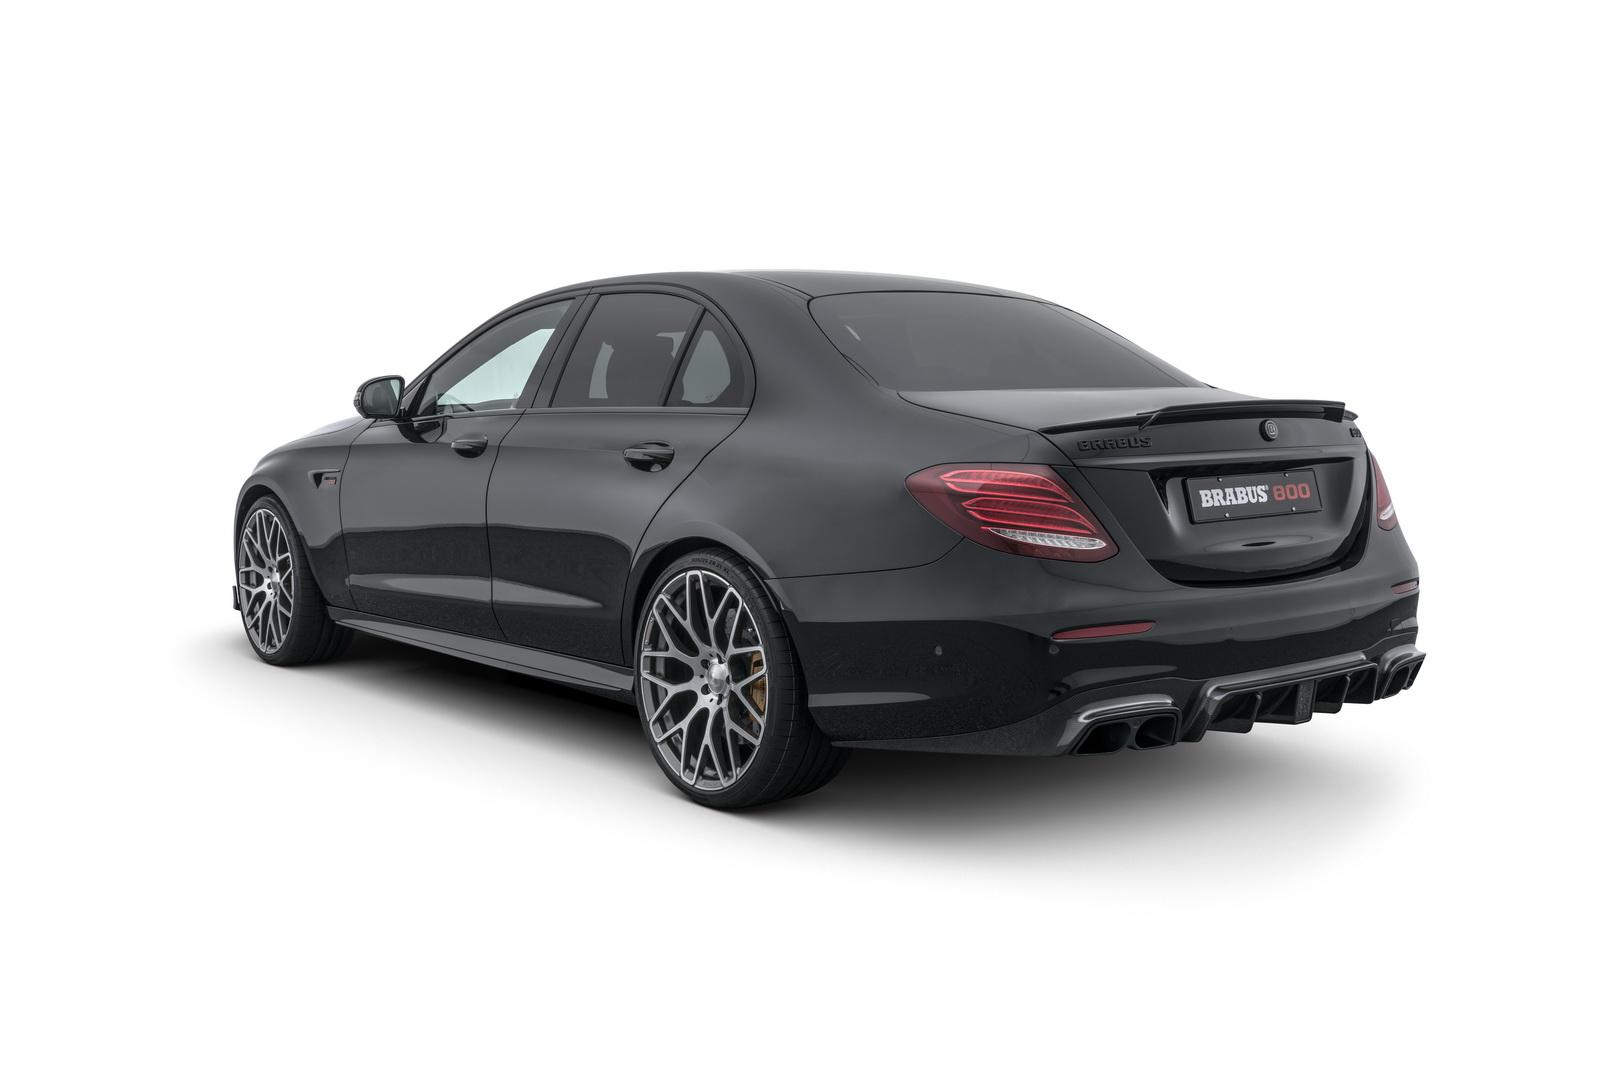 Каждый двигатель имеет соответствующие настройки, а этот Mercedes E 63 S 4MATIC получил 800 л.с. от мастеров Brabus!     Brabus 800 Mercedes-AMG E63 S дебютирует на Женевском автосалоне 2018.